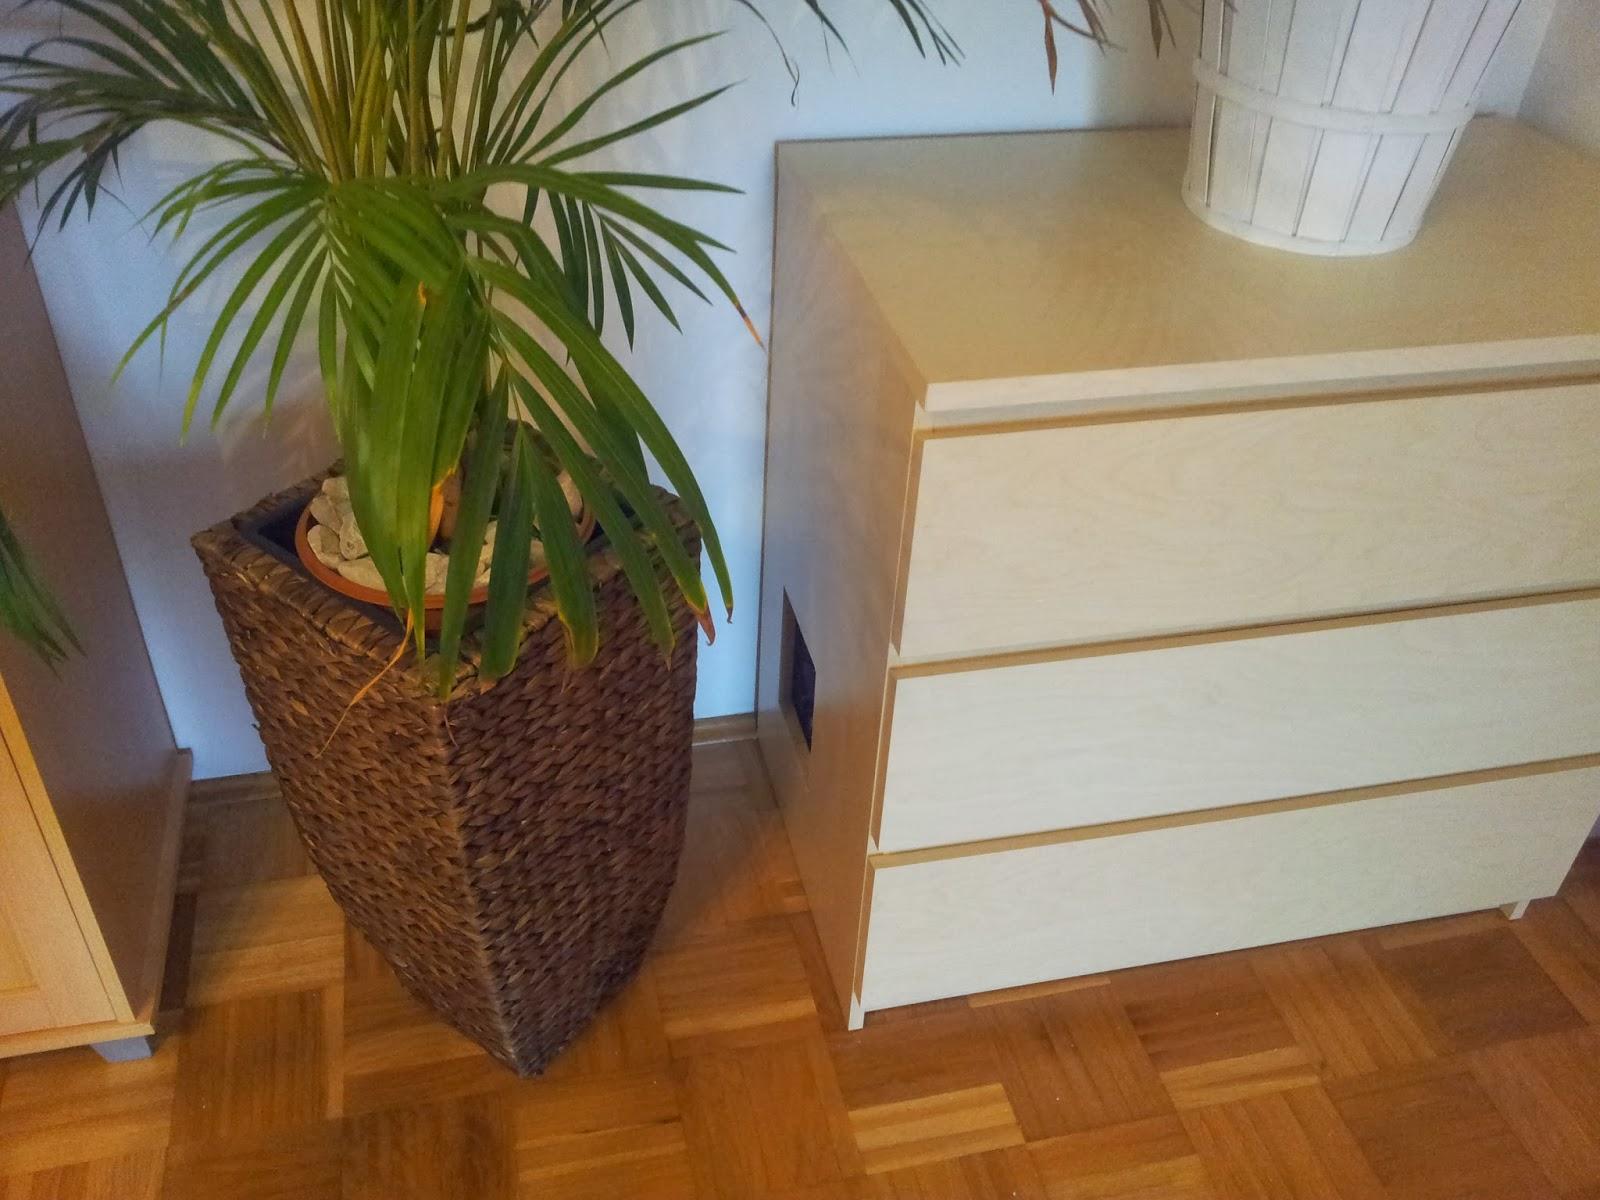 gestatten mein name ist haley h hhh. Black Bedroom Furniture Sets. Home Design Ideas